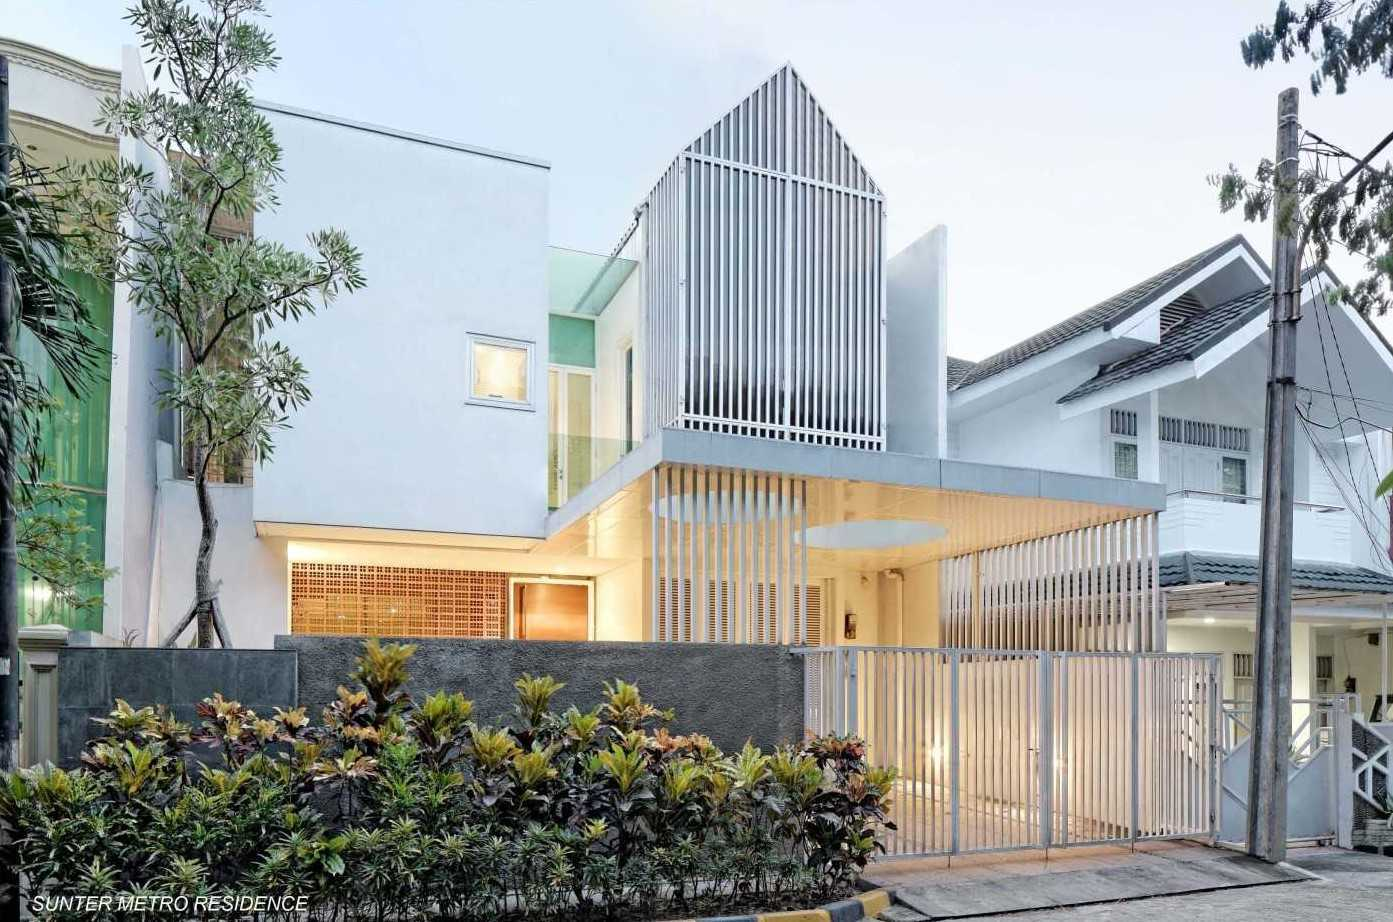 Atelier Cosmas Gozali Sunter Residence Sunter, North Jakarta Sunter, North Jakarta Side View Tropical  31250